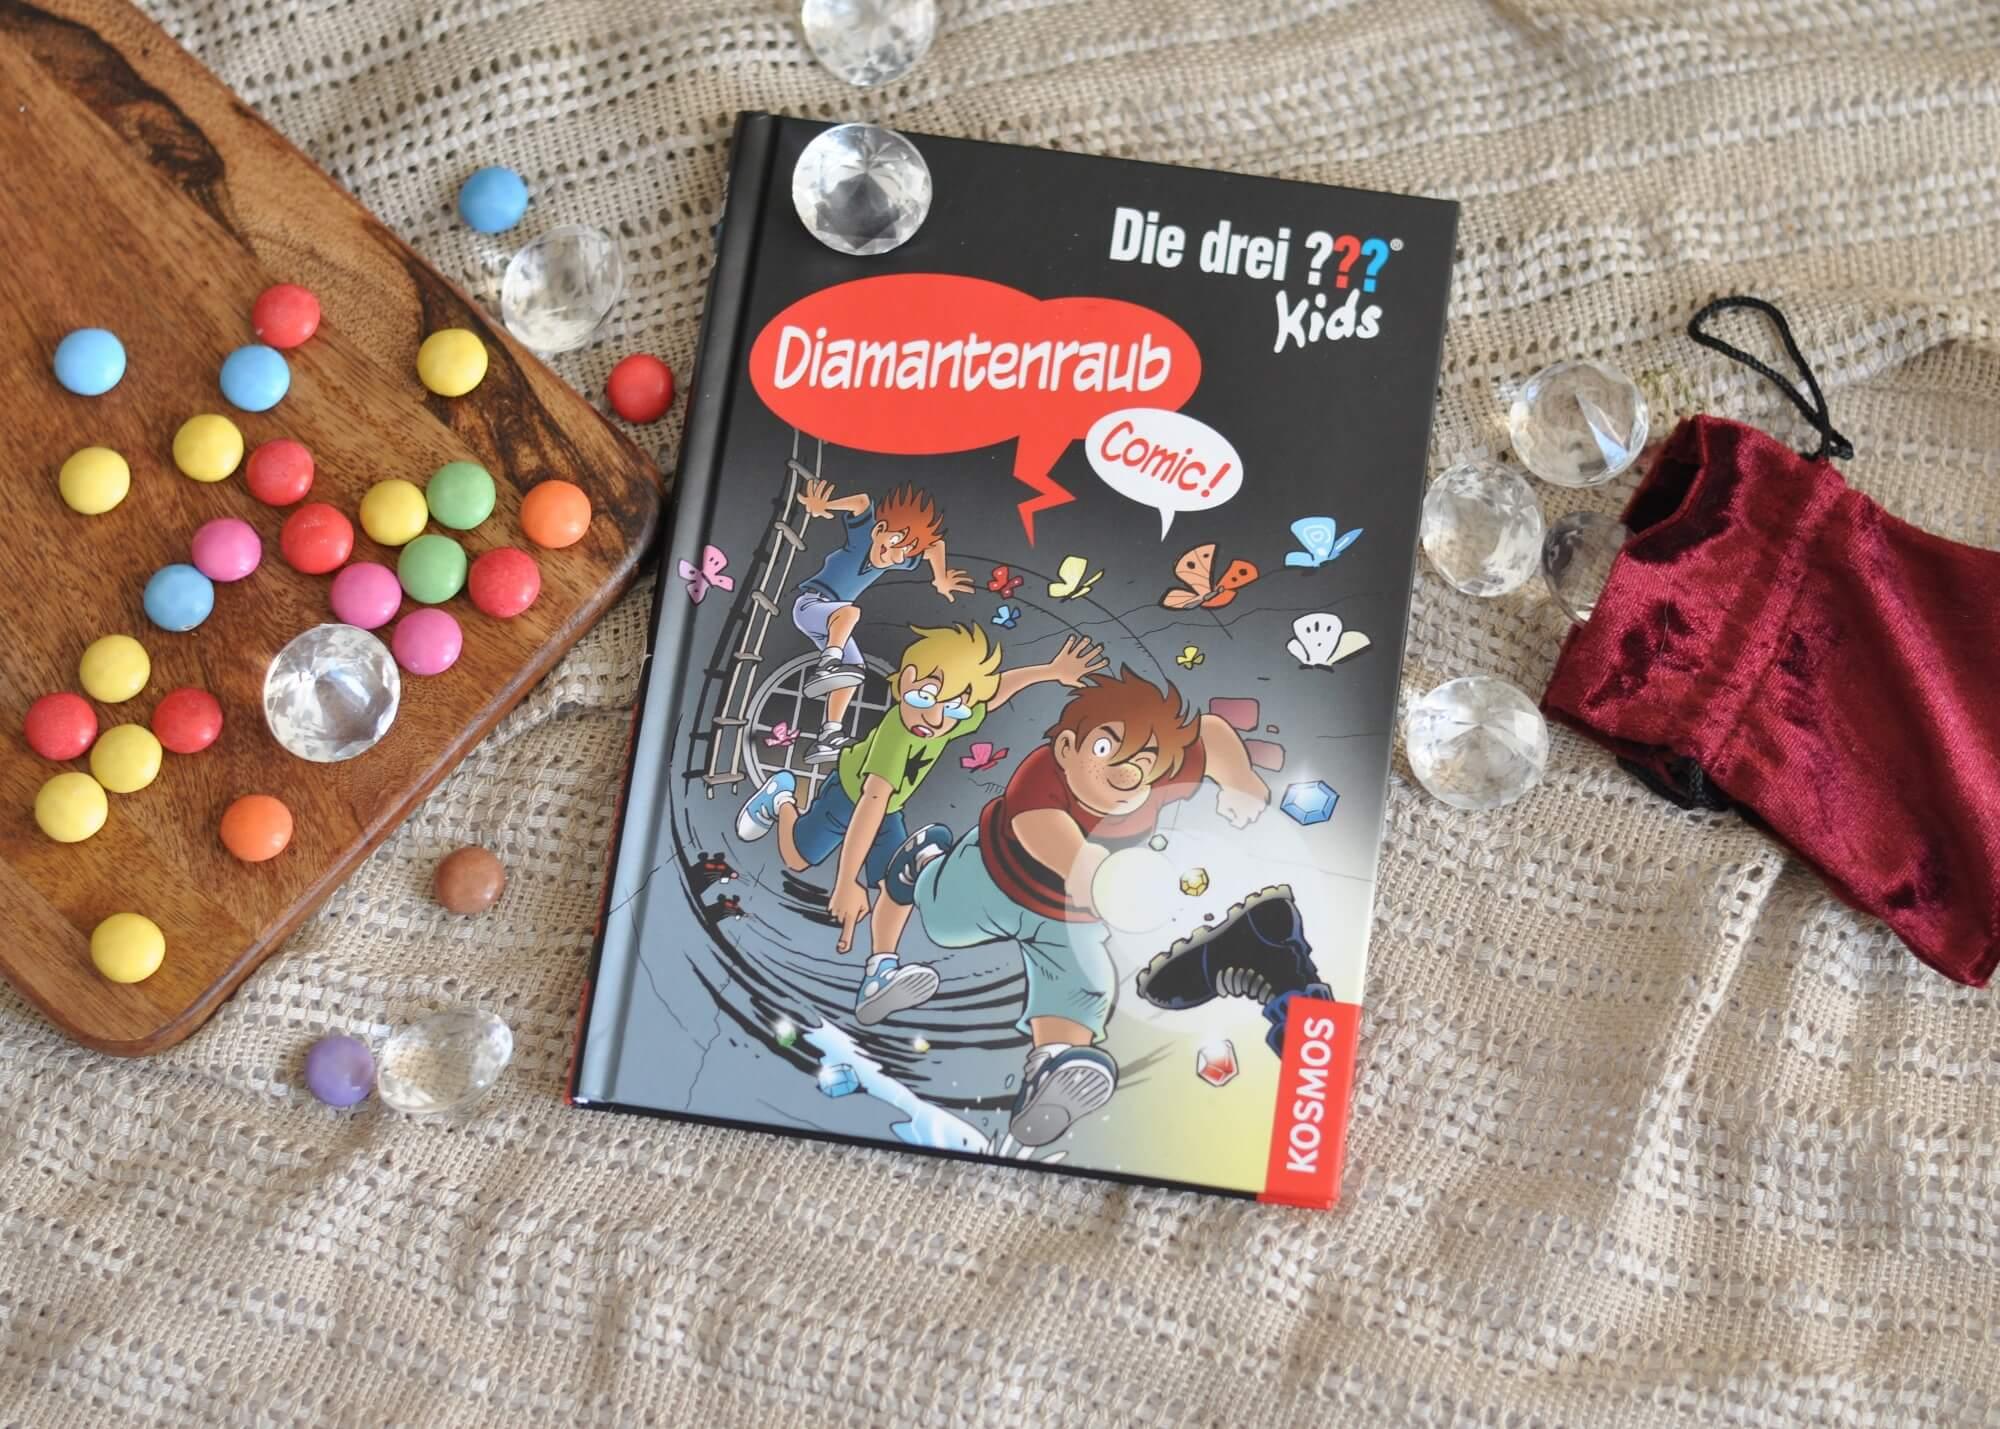 Kennt ihr schon die Drei ??? Kids als Comic? Dann wird es Zeit. Die spannende Comic-Variante regt Erstleser zum Schmökern an. #diamenten #comic #lesen #grundschule #erstleser #??? #detektiv